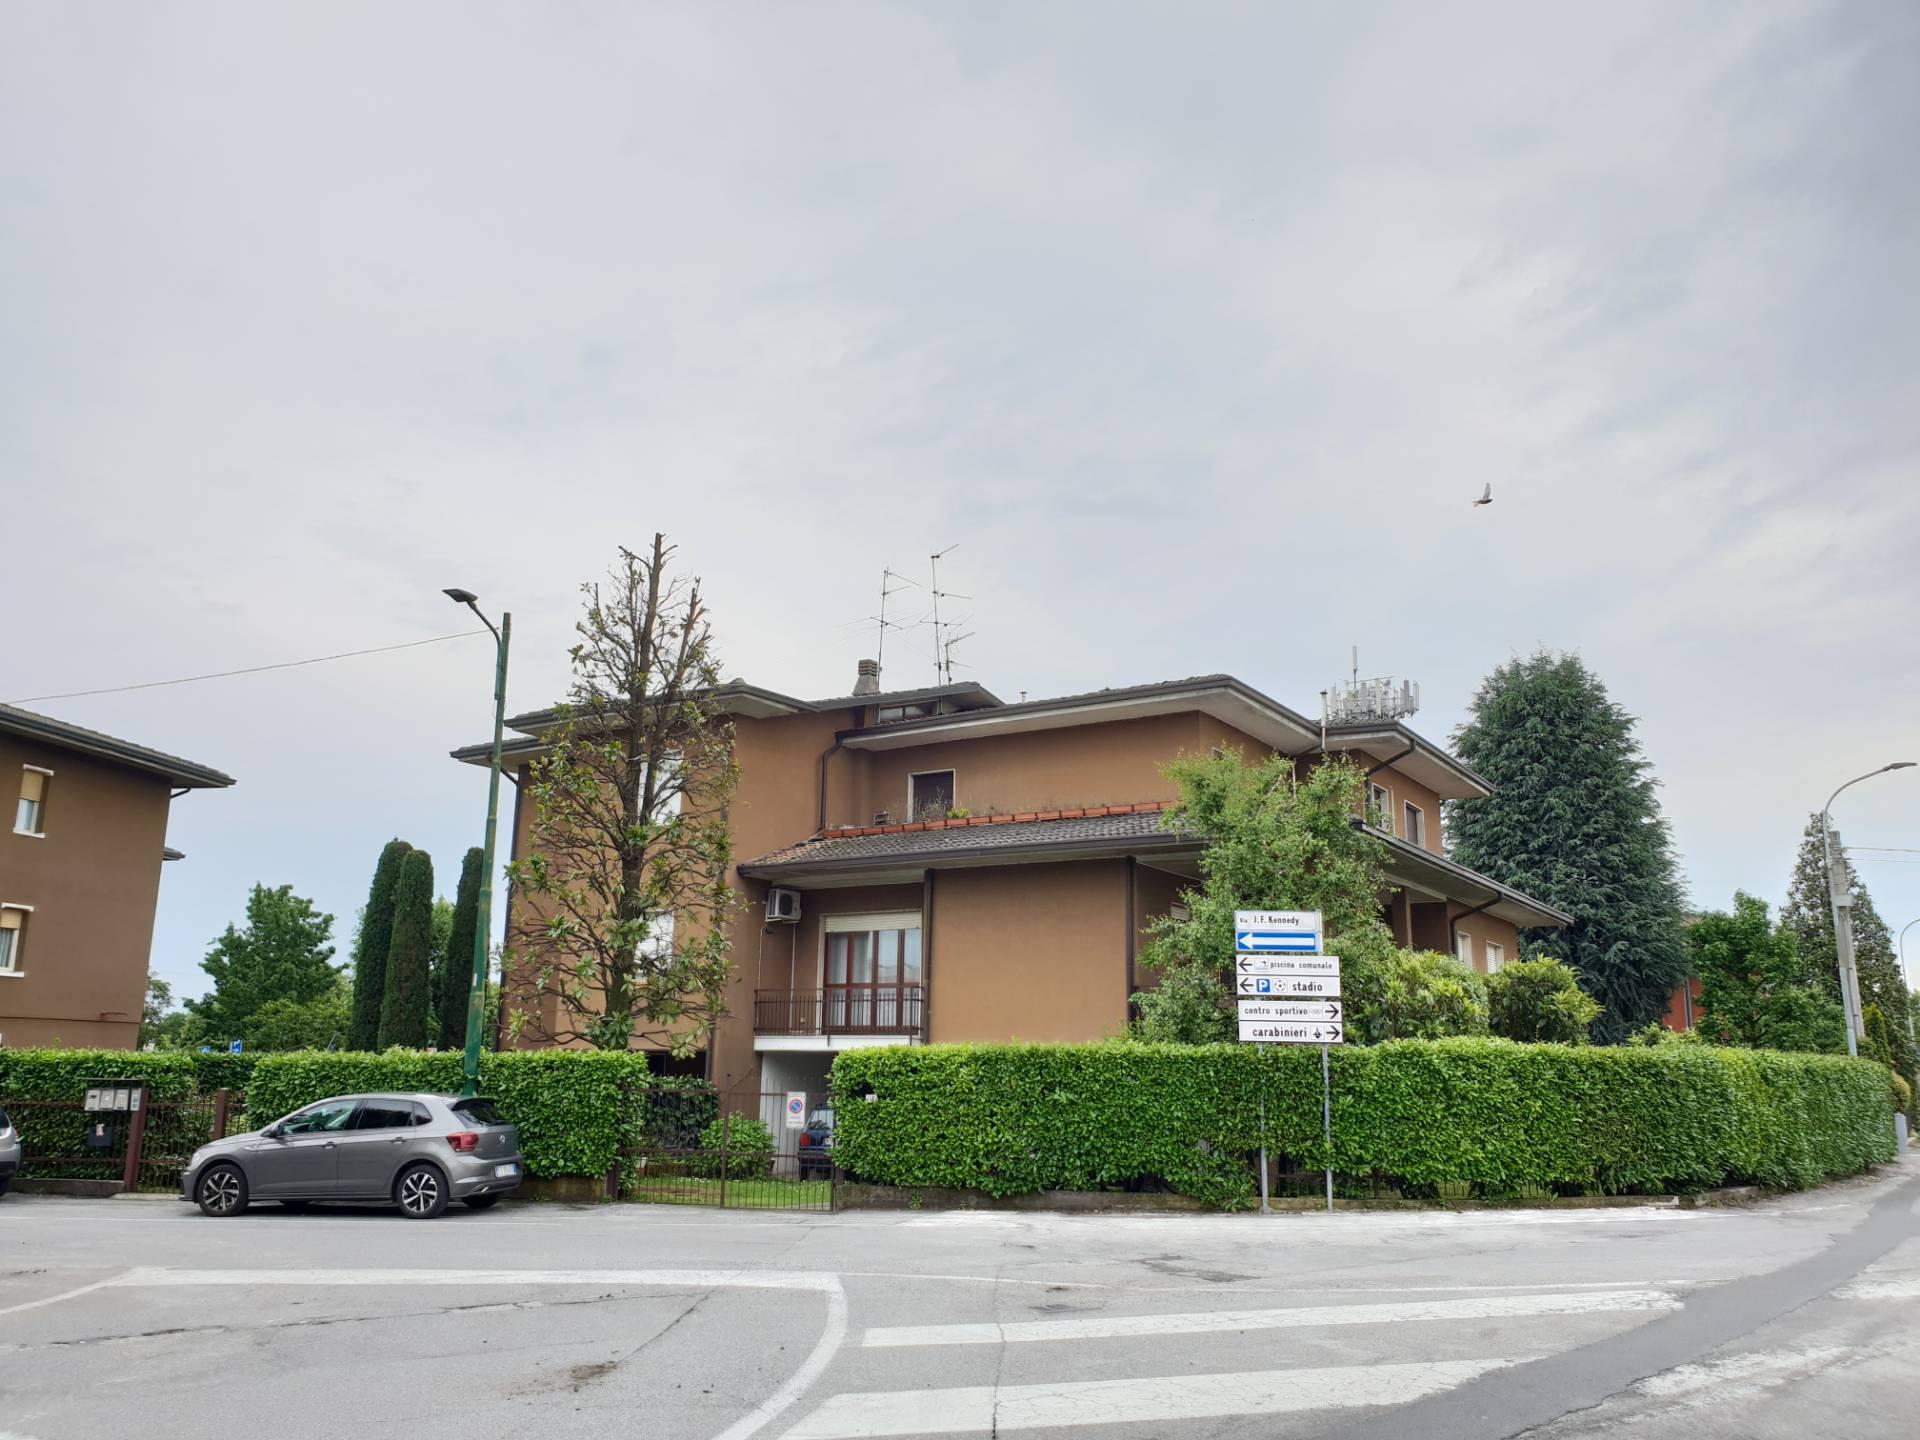 Appartamento in vendita a Palazzolo sull'Oglio, 4 locali, prezzo € 148.000 | PortaleAgenzieImmobiliari.it